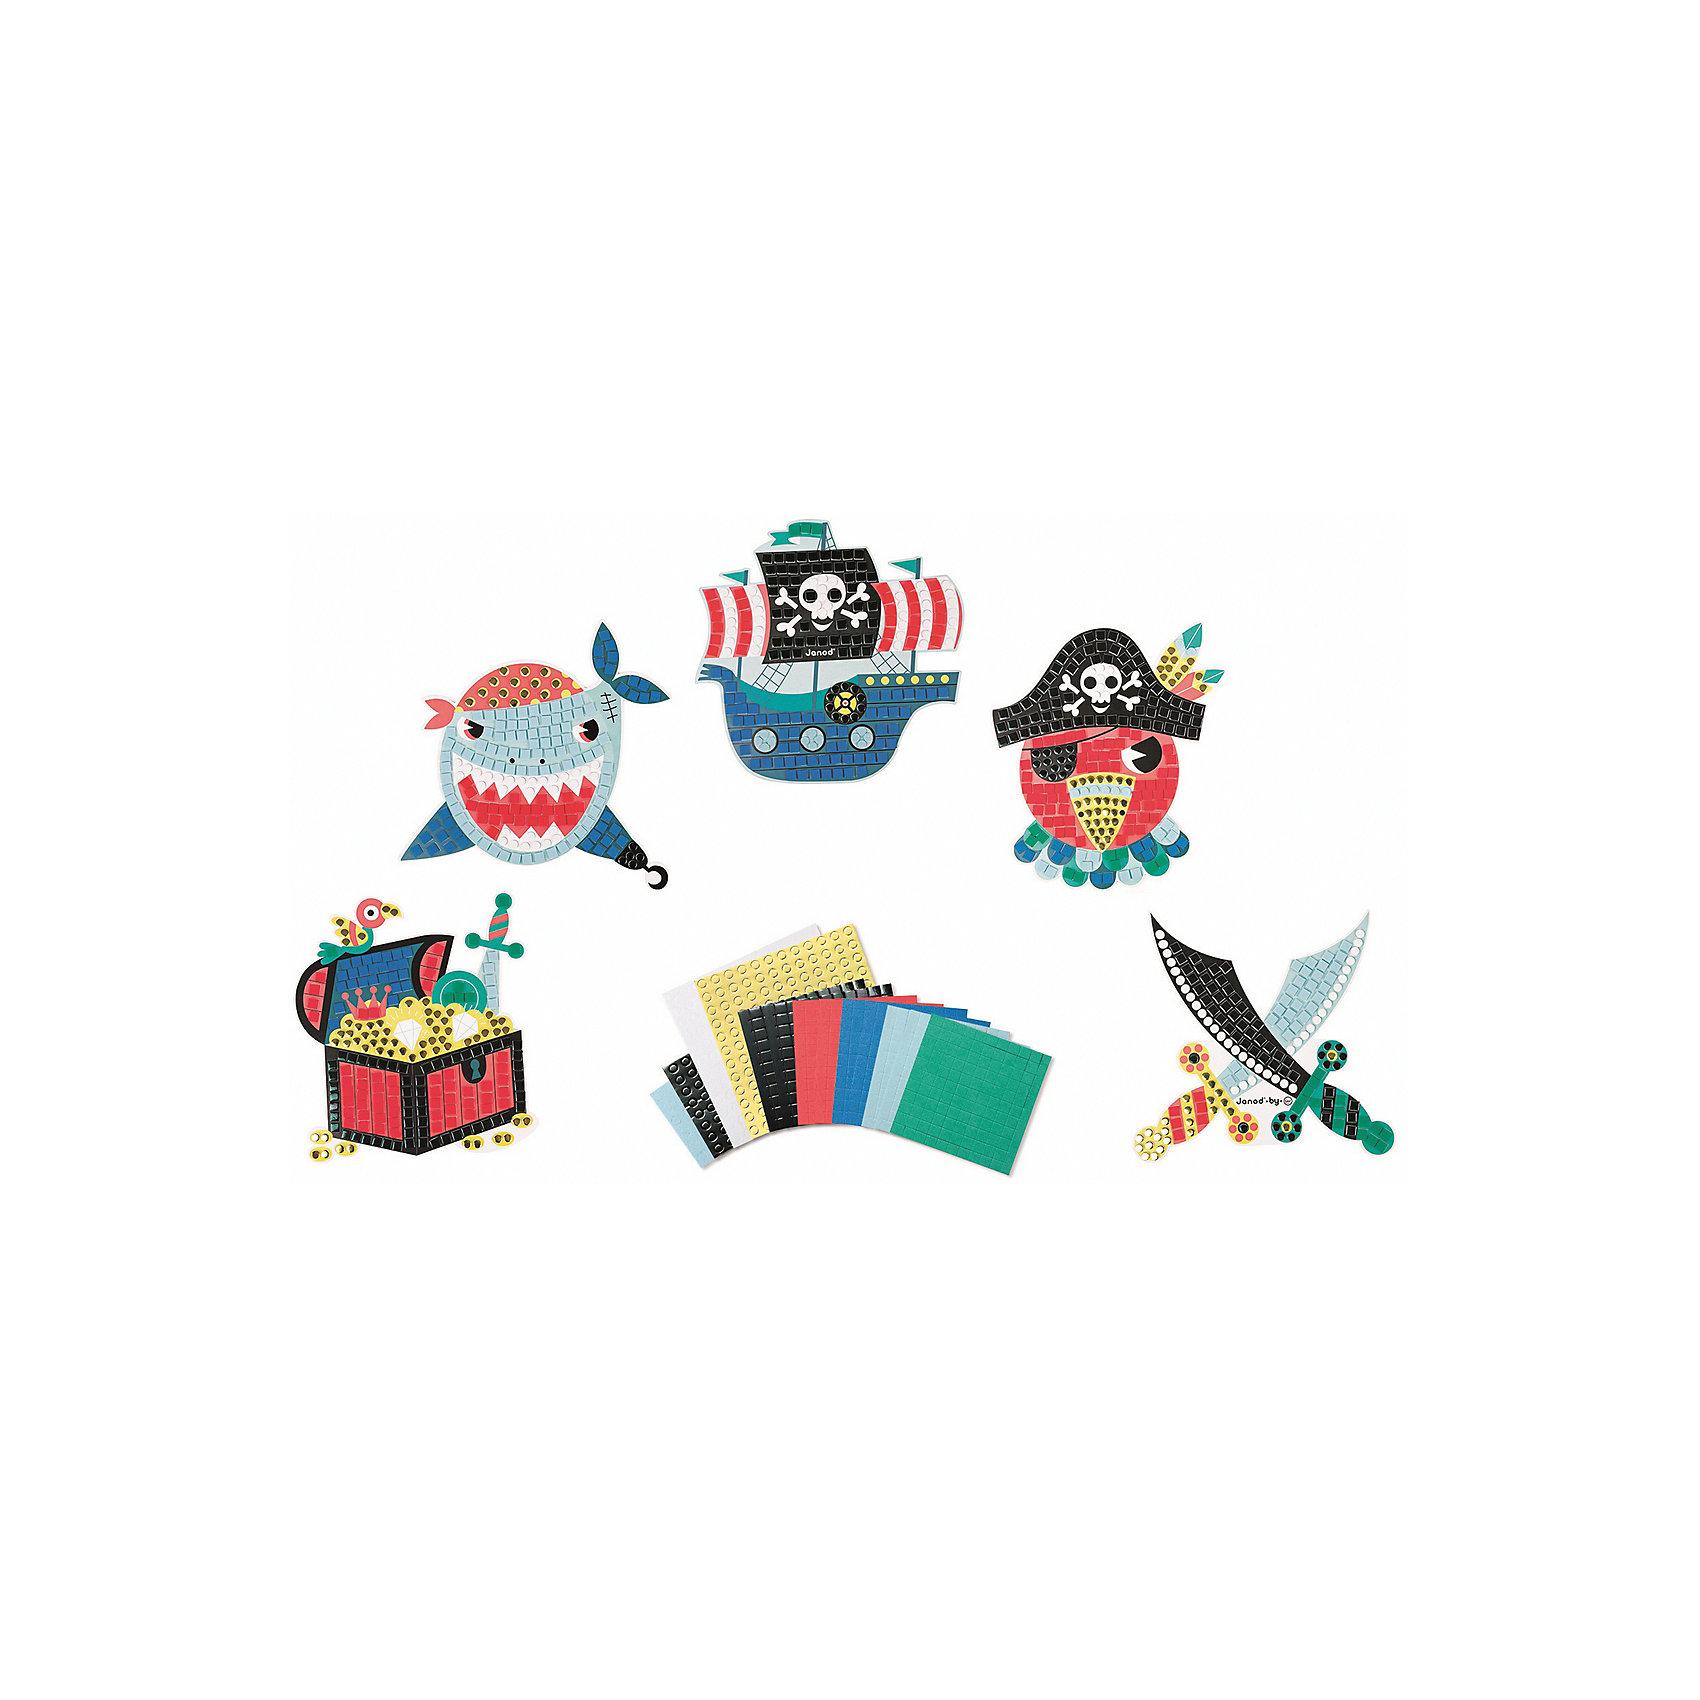 Набор для творчества: мозайка Пираты, 5 карточекПесочные картинки<br>Набор для творчества: мозаика Пираты, 5 карточек<br>5 пронумерованных цветных заготовок - картинок, 4 листа цветных квадратных наклеек «мозаика» (7x7 мм.), 2 листа цветных круглых наклеек «мозайка» (? 5 мм.), 1 лист цветных, блестящих, квадратных наклеек «мозаика» (7x7 мм.), 2 листа цветных, блестящих круглых наклеек «мозайка» (? 5 мм.), 1 удобный чемоданчик для хранения.<br>Цветной буклет - инструкция на русском языке входит в состав всех наборов для творчества<br><br>Ширина мм: 26<br>Глубина мм: 21<br>Высота мм: 4<br>Вес г: 600<br>Возраст от месяцев: 48<br>Возраст до месяцев: 2147483647<br>Пол: Унисекс<br>Возраст: Детский<br>SKU: 4871831